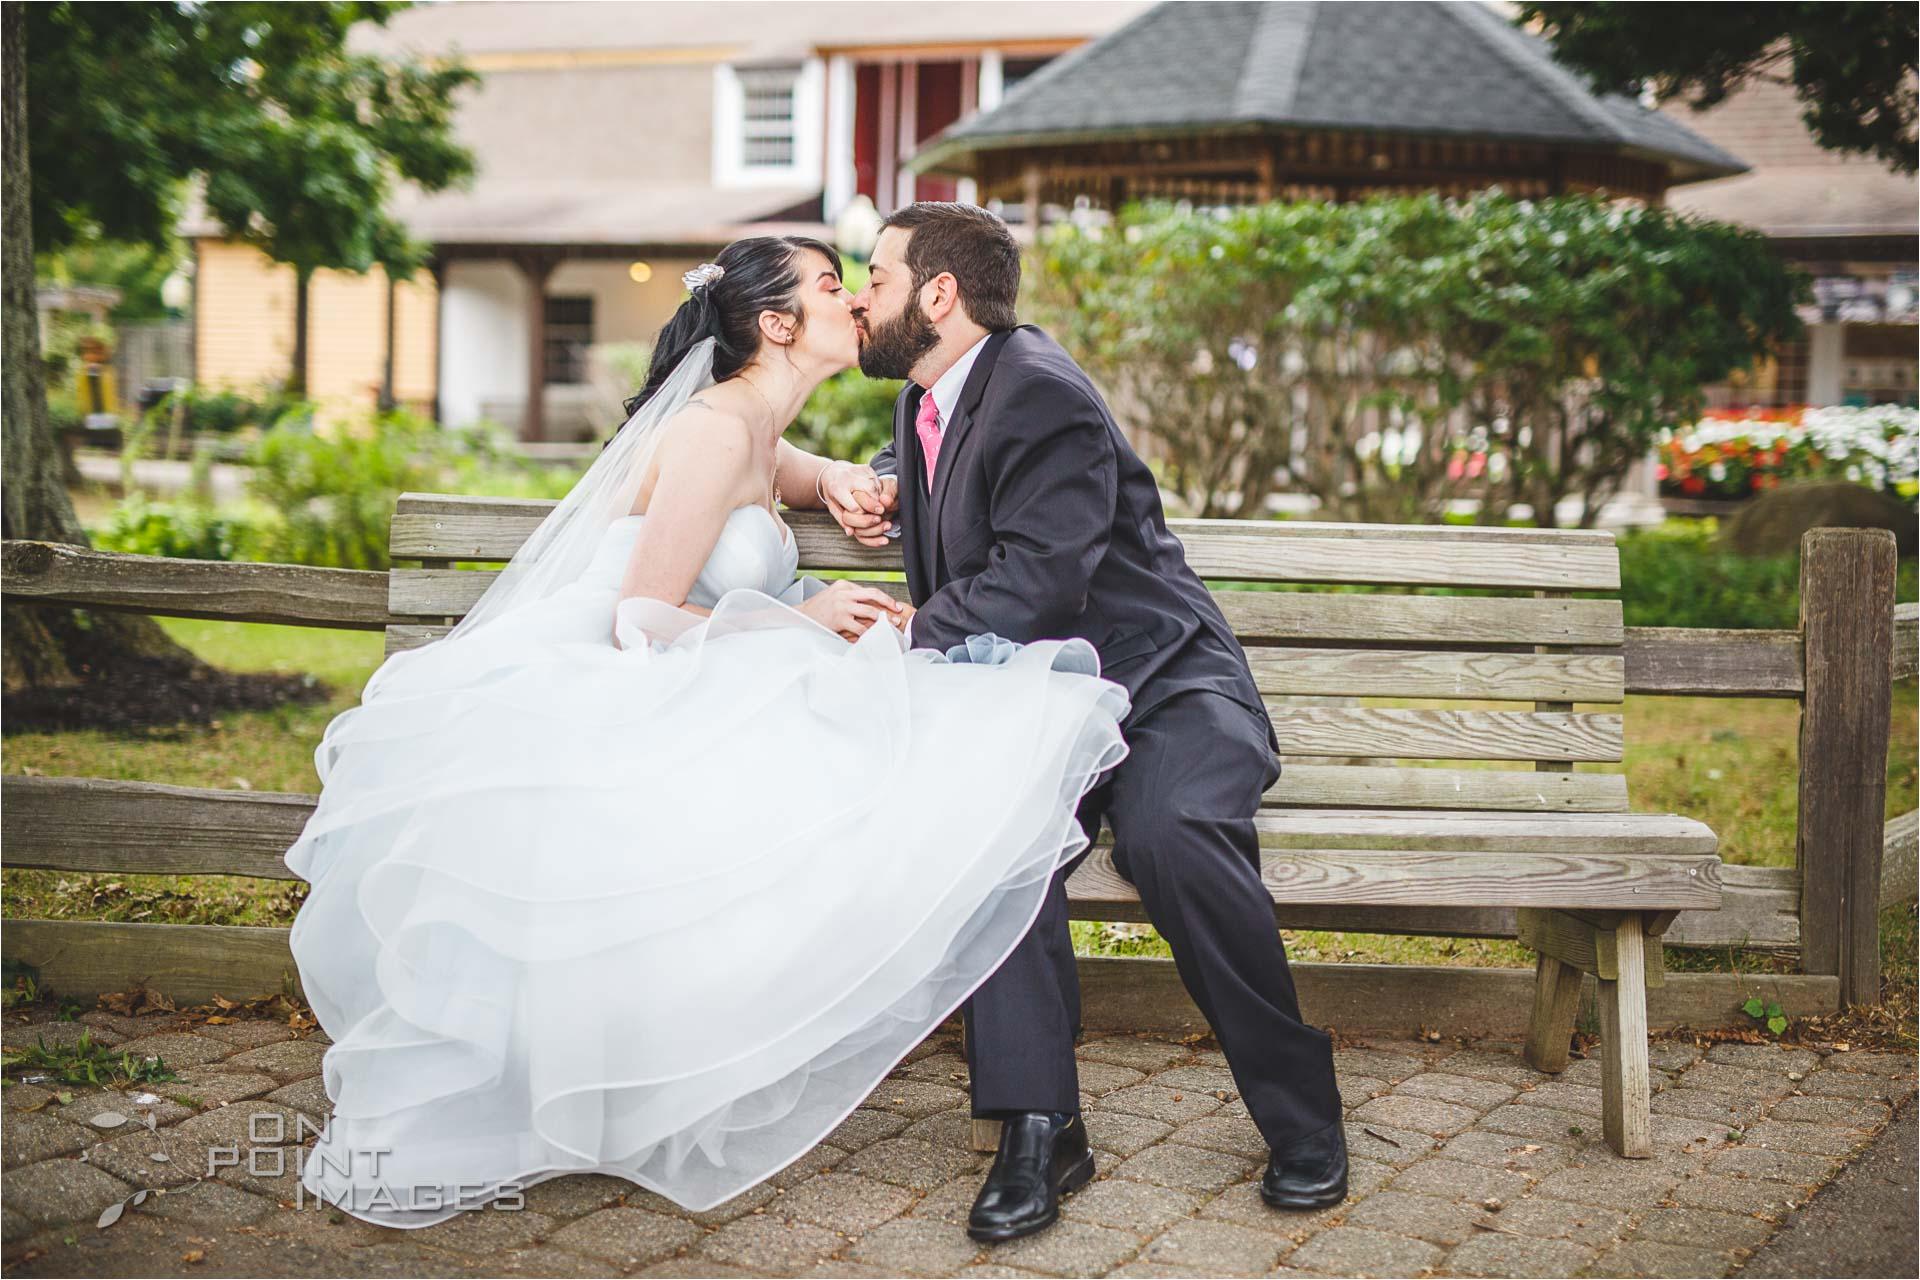 mystic-aquarium-wedding-photographs-10.jpg